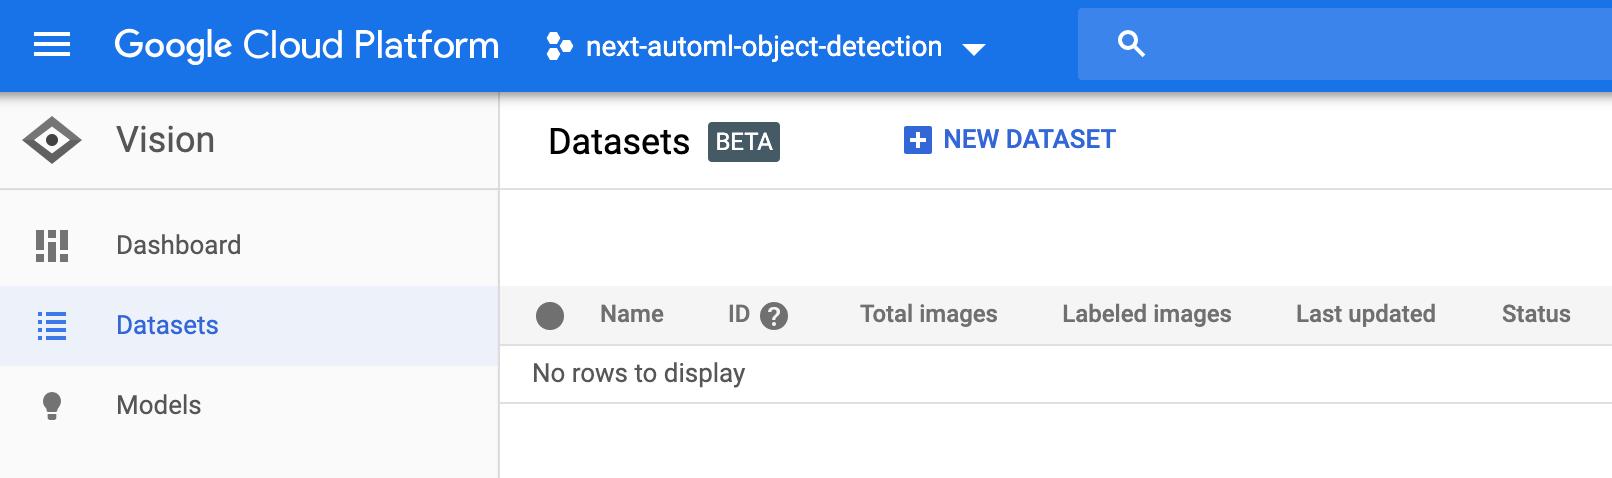 Wählen Sie New Dataset (Neues Dataset) aus.